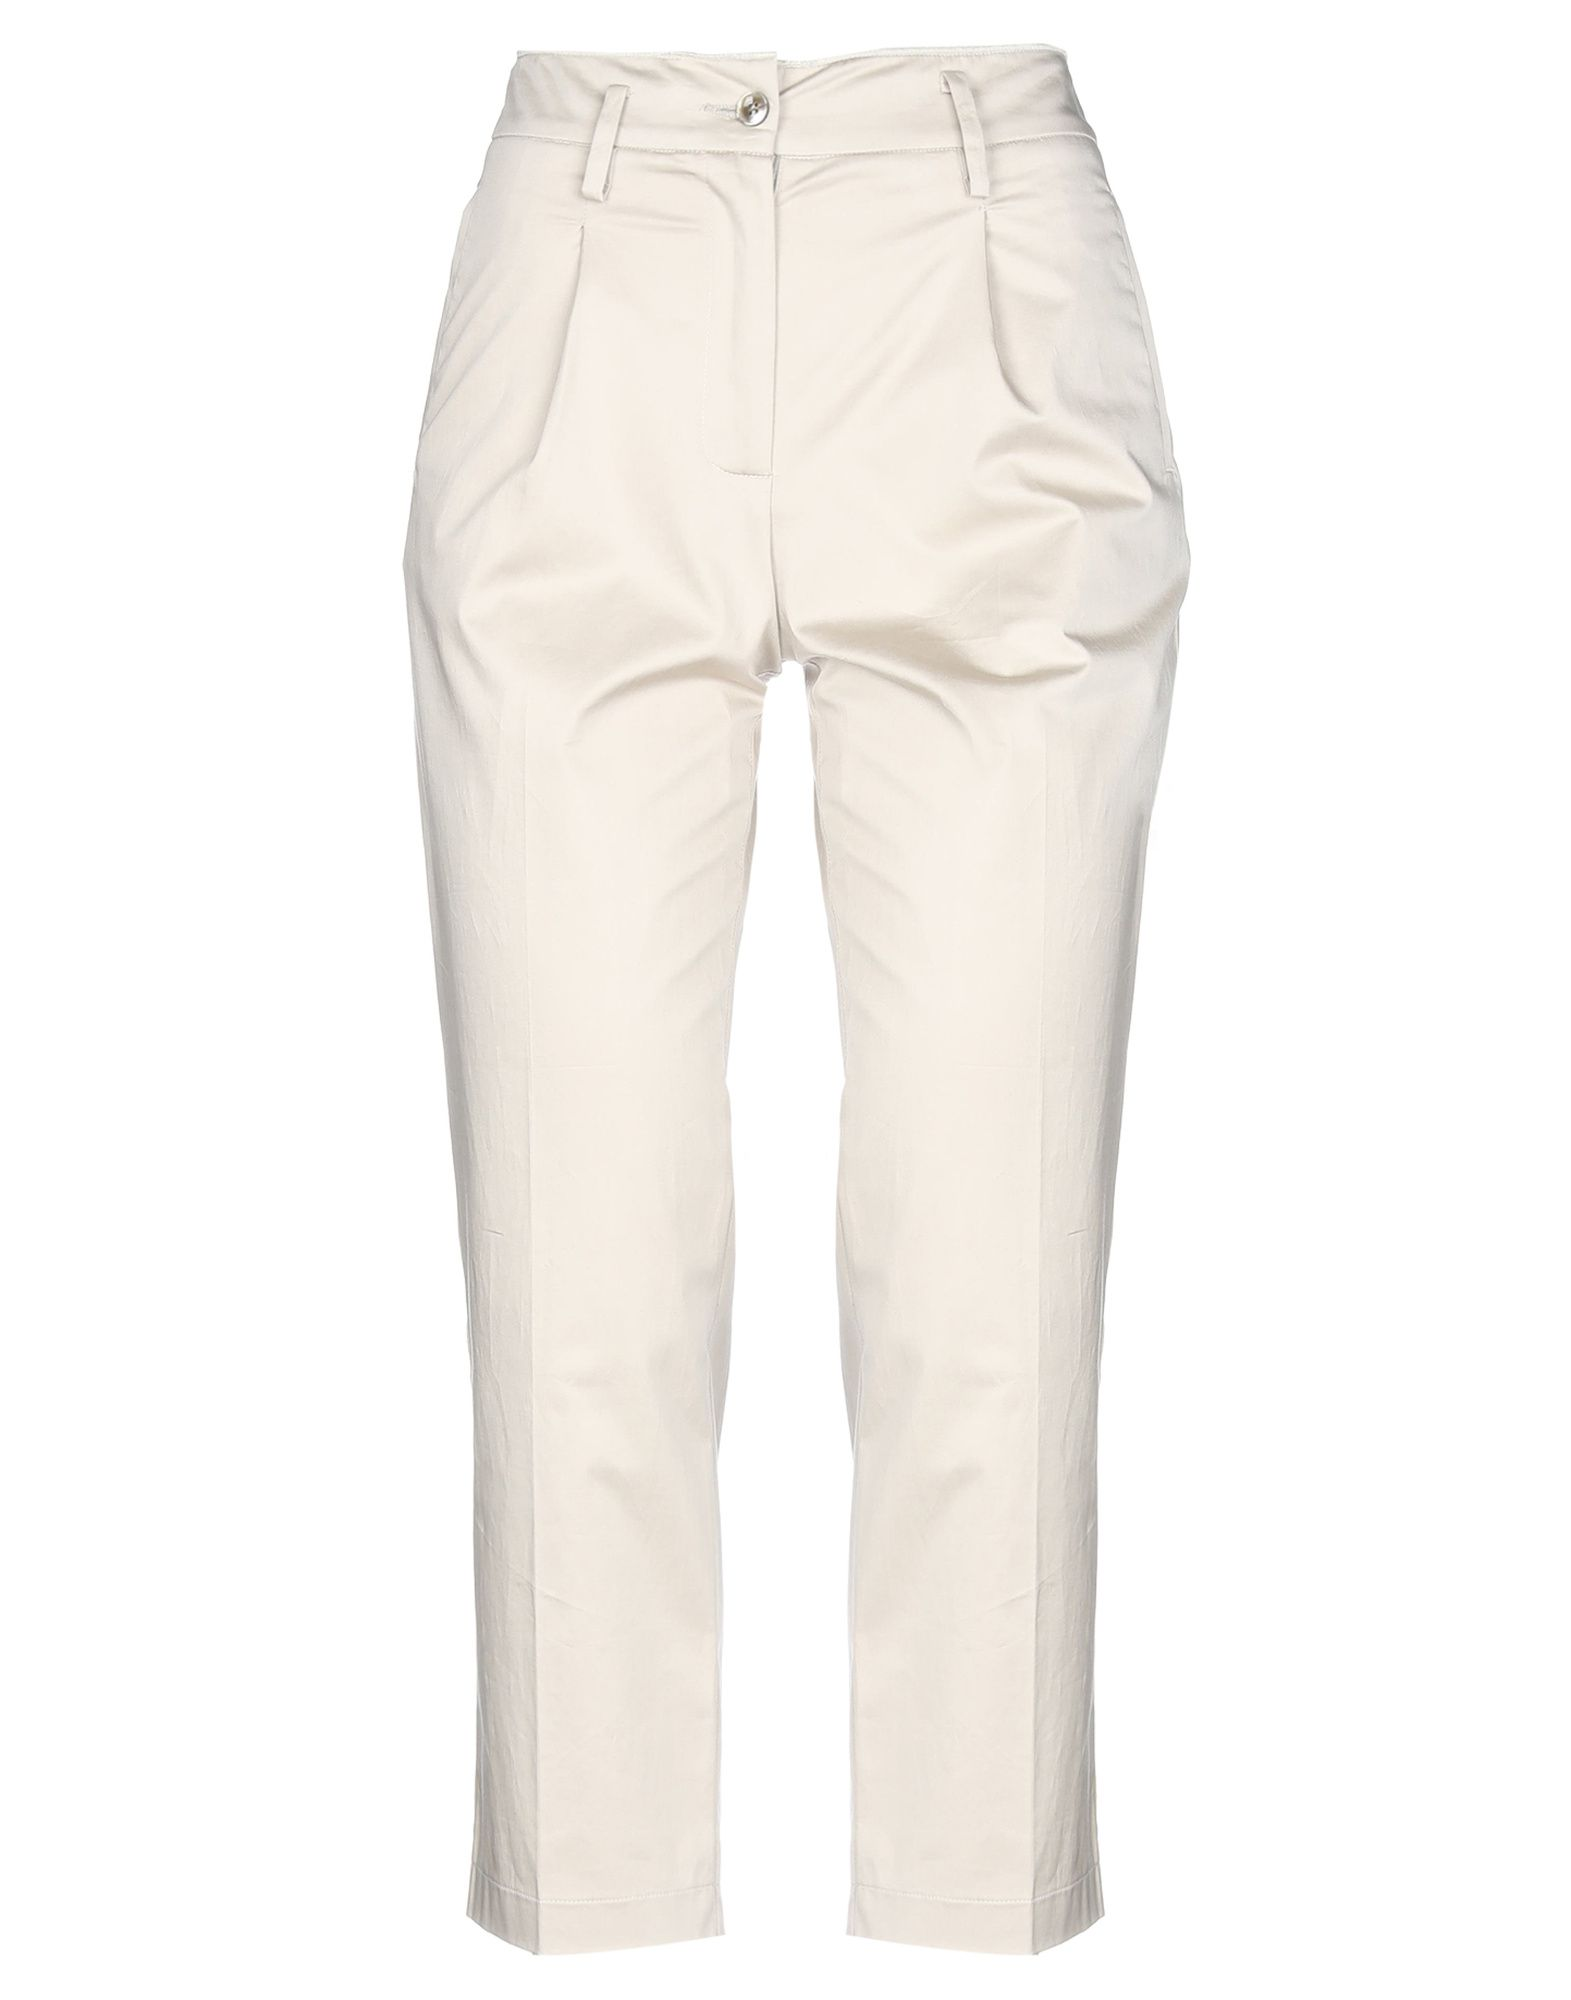 Pantalone Aglini damen - 13325791CG